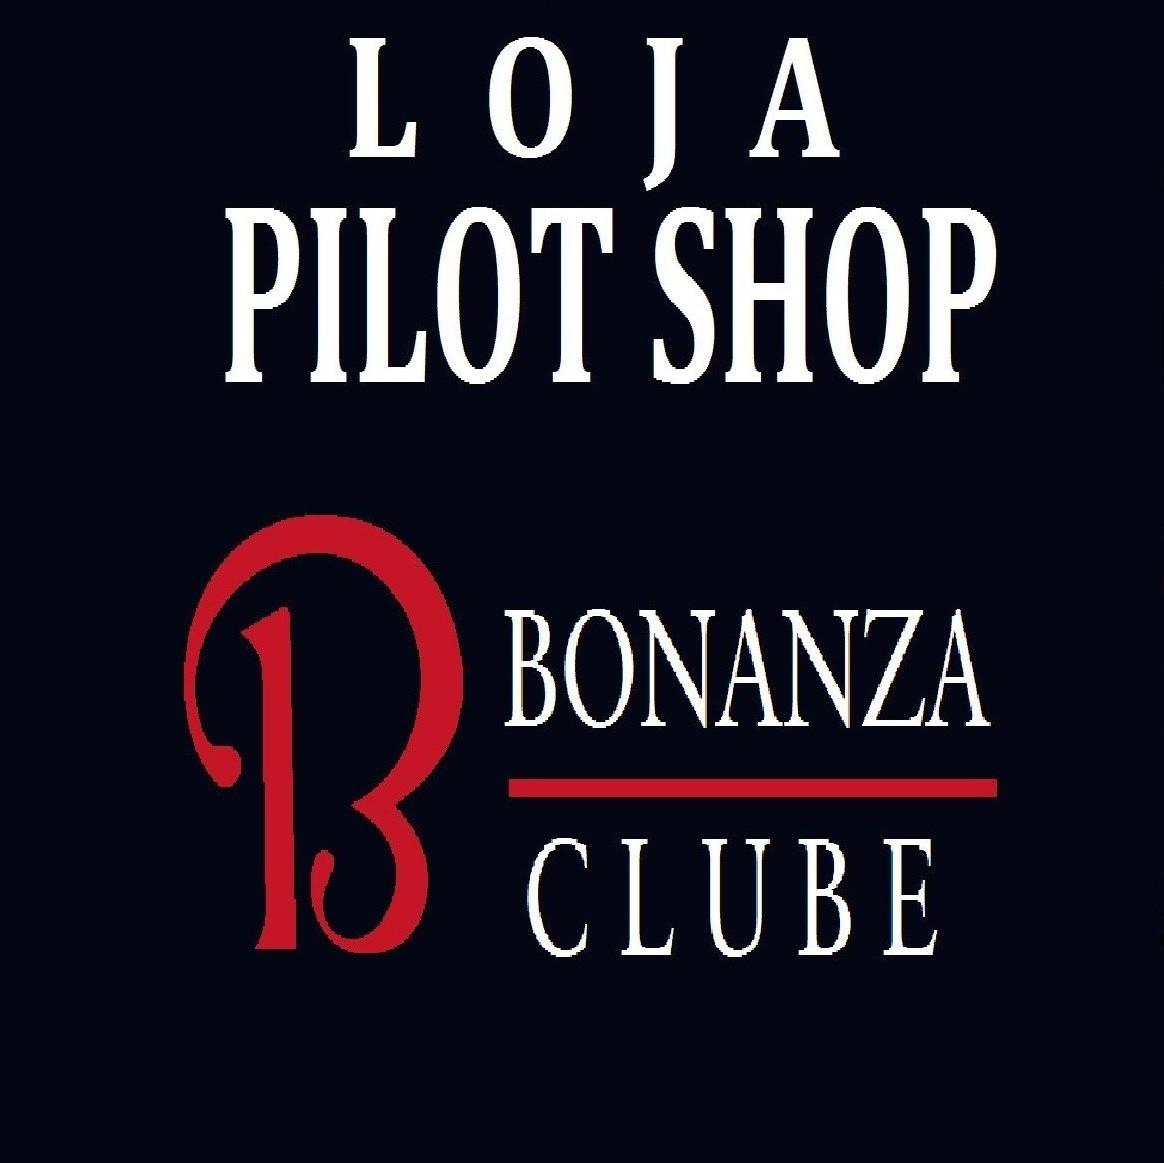 Loja do Bonanza Clube